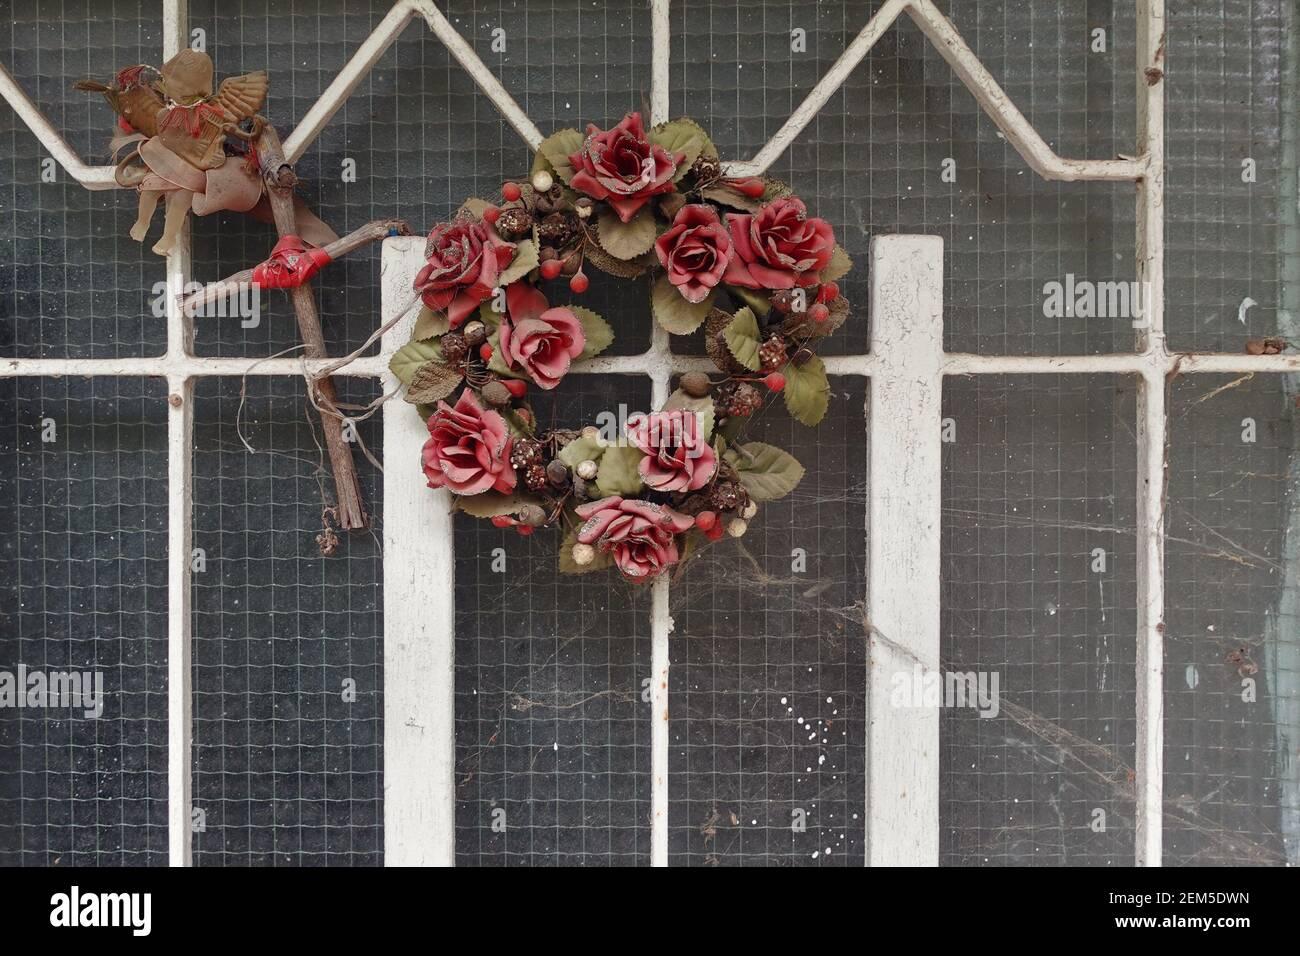 Decorazioni natalizie ornamenti vintage ricoperti di ciottoli sulla porta della casa abbandonata. Corona di plastica rosa fiori rossi cupido con lira e cros di legno Foto Stock